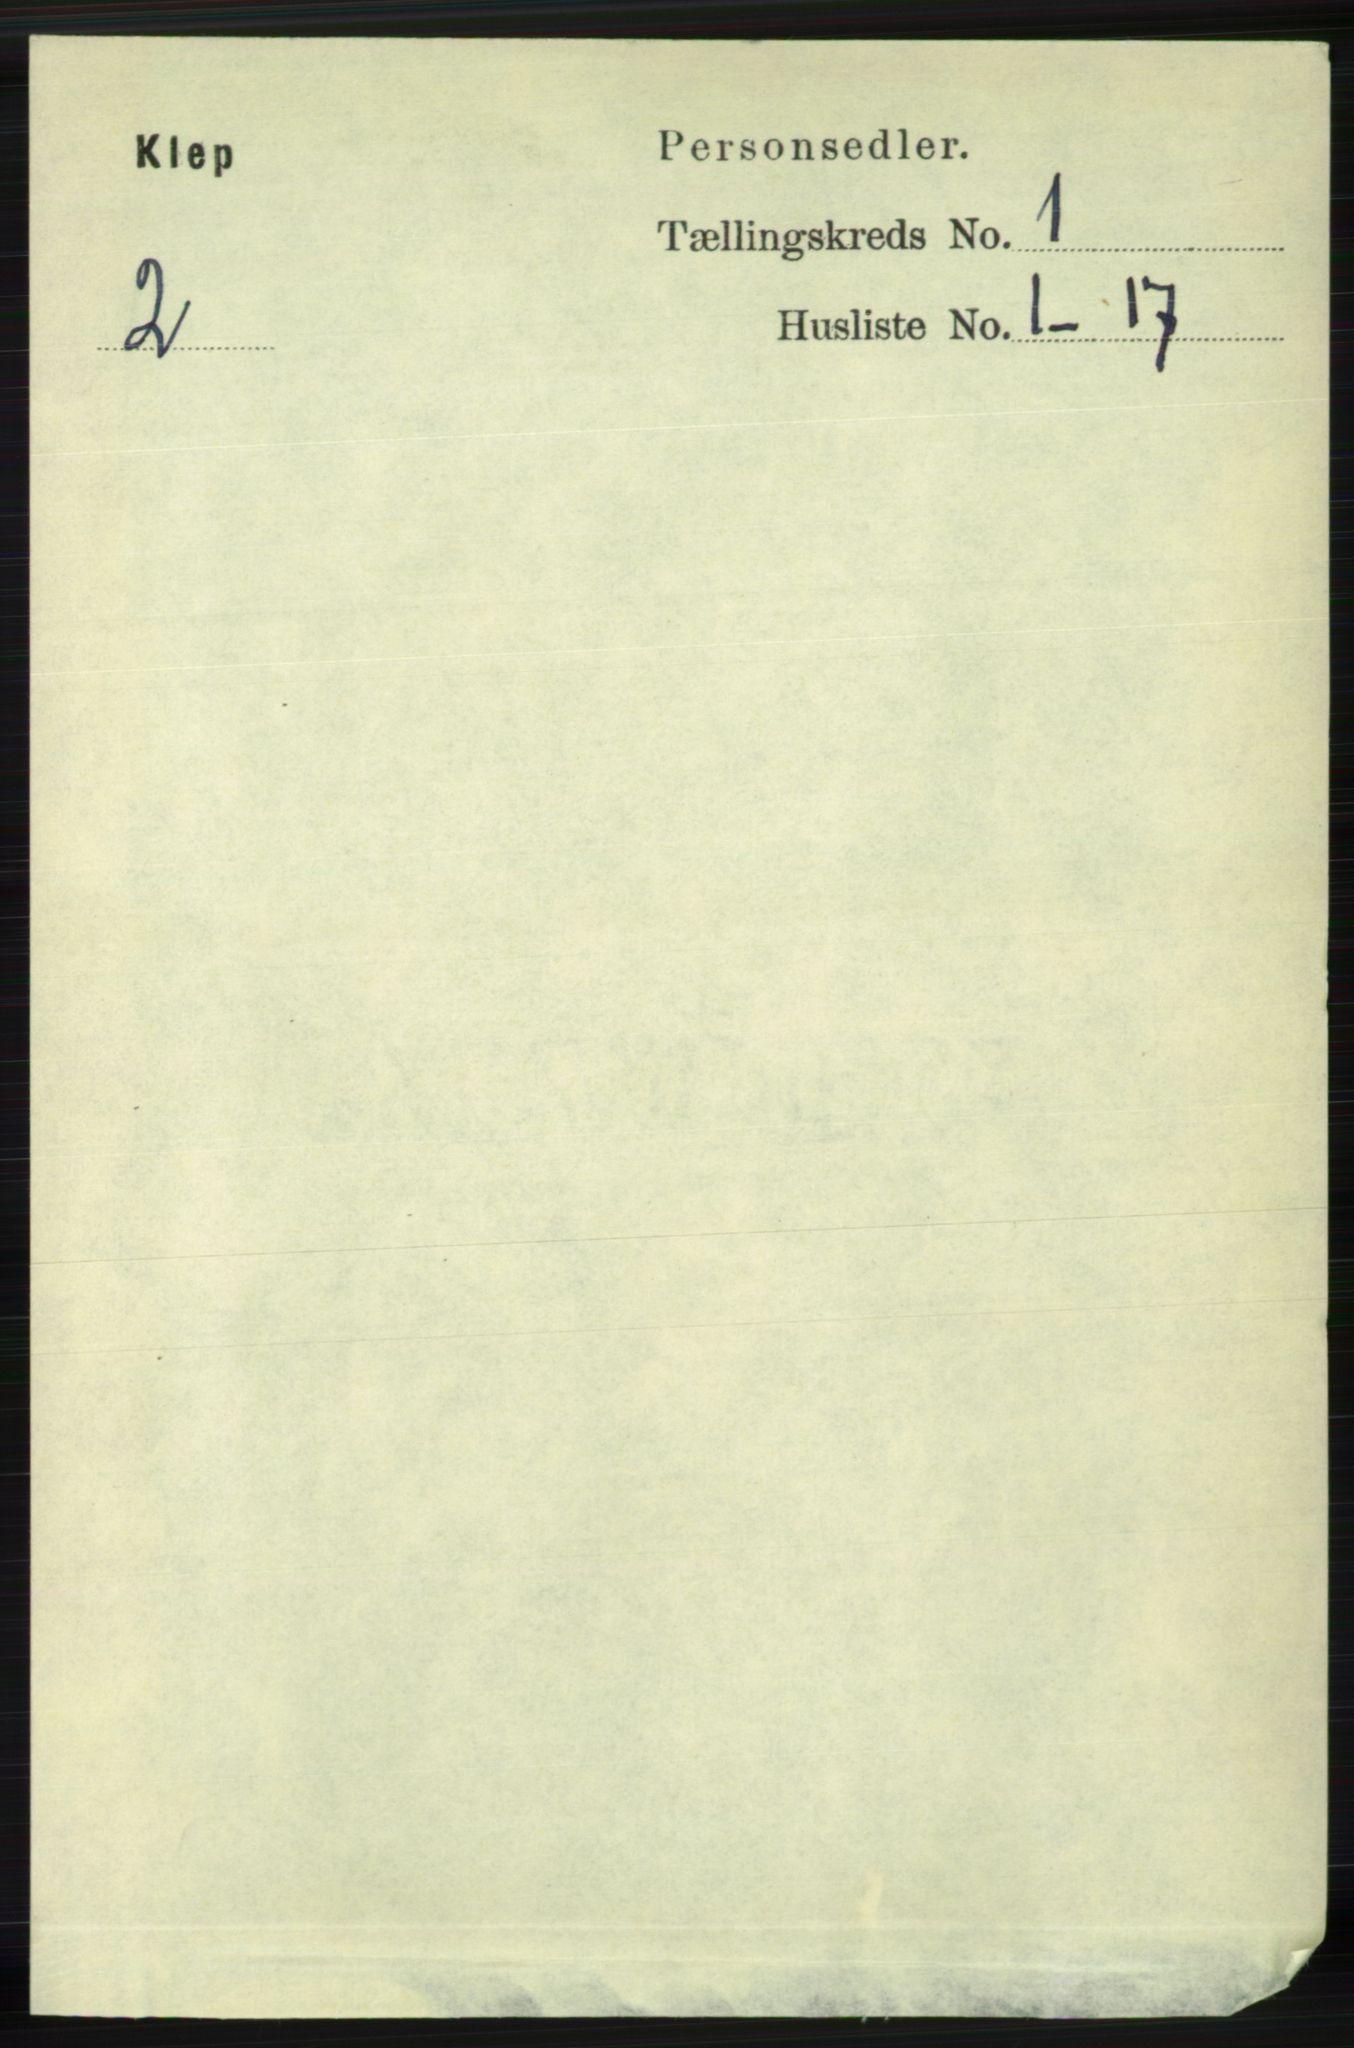 RA, Folketelling 1891 for 1120 Klepp herred, 1891, s. 64